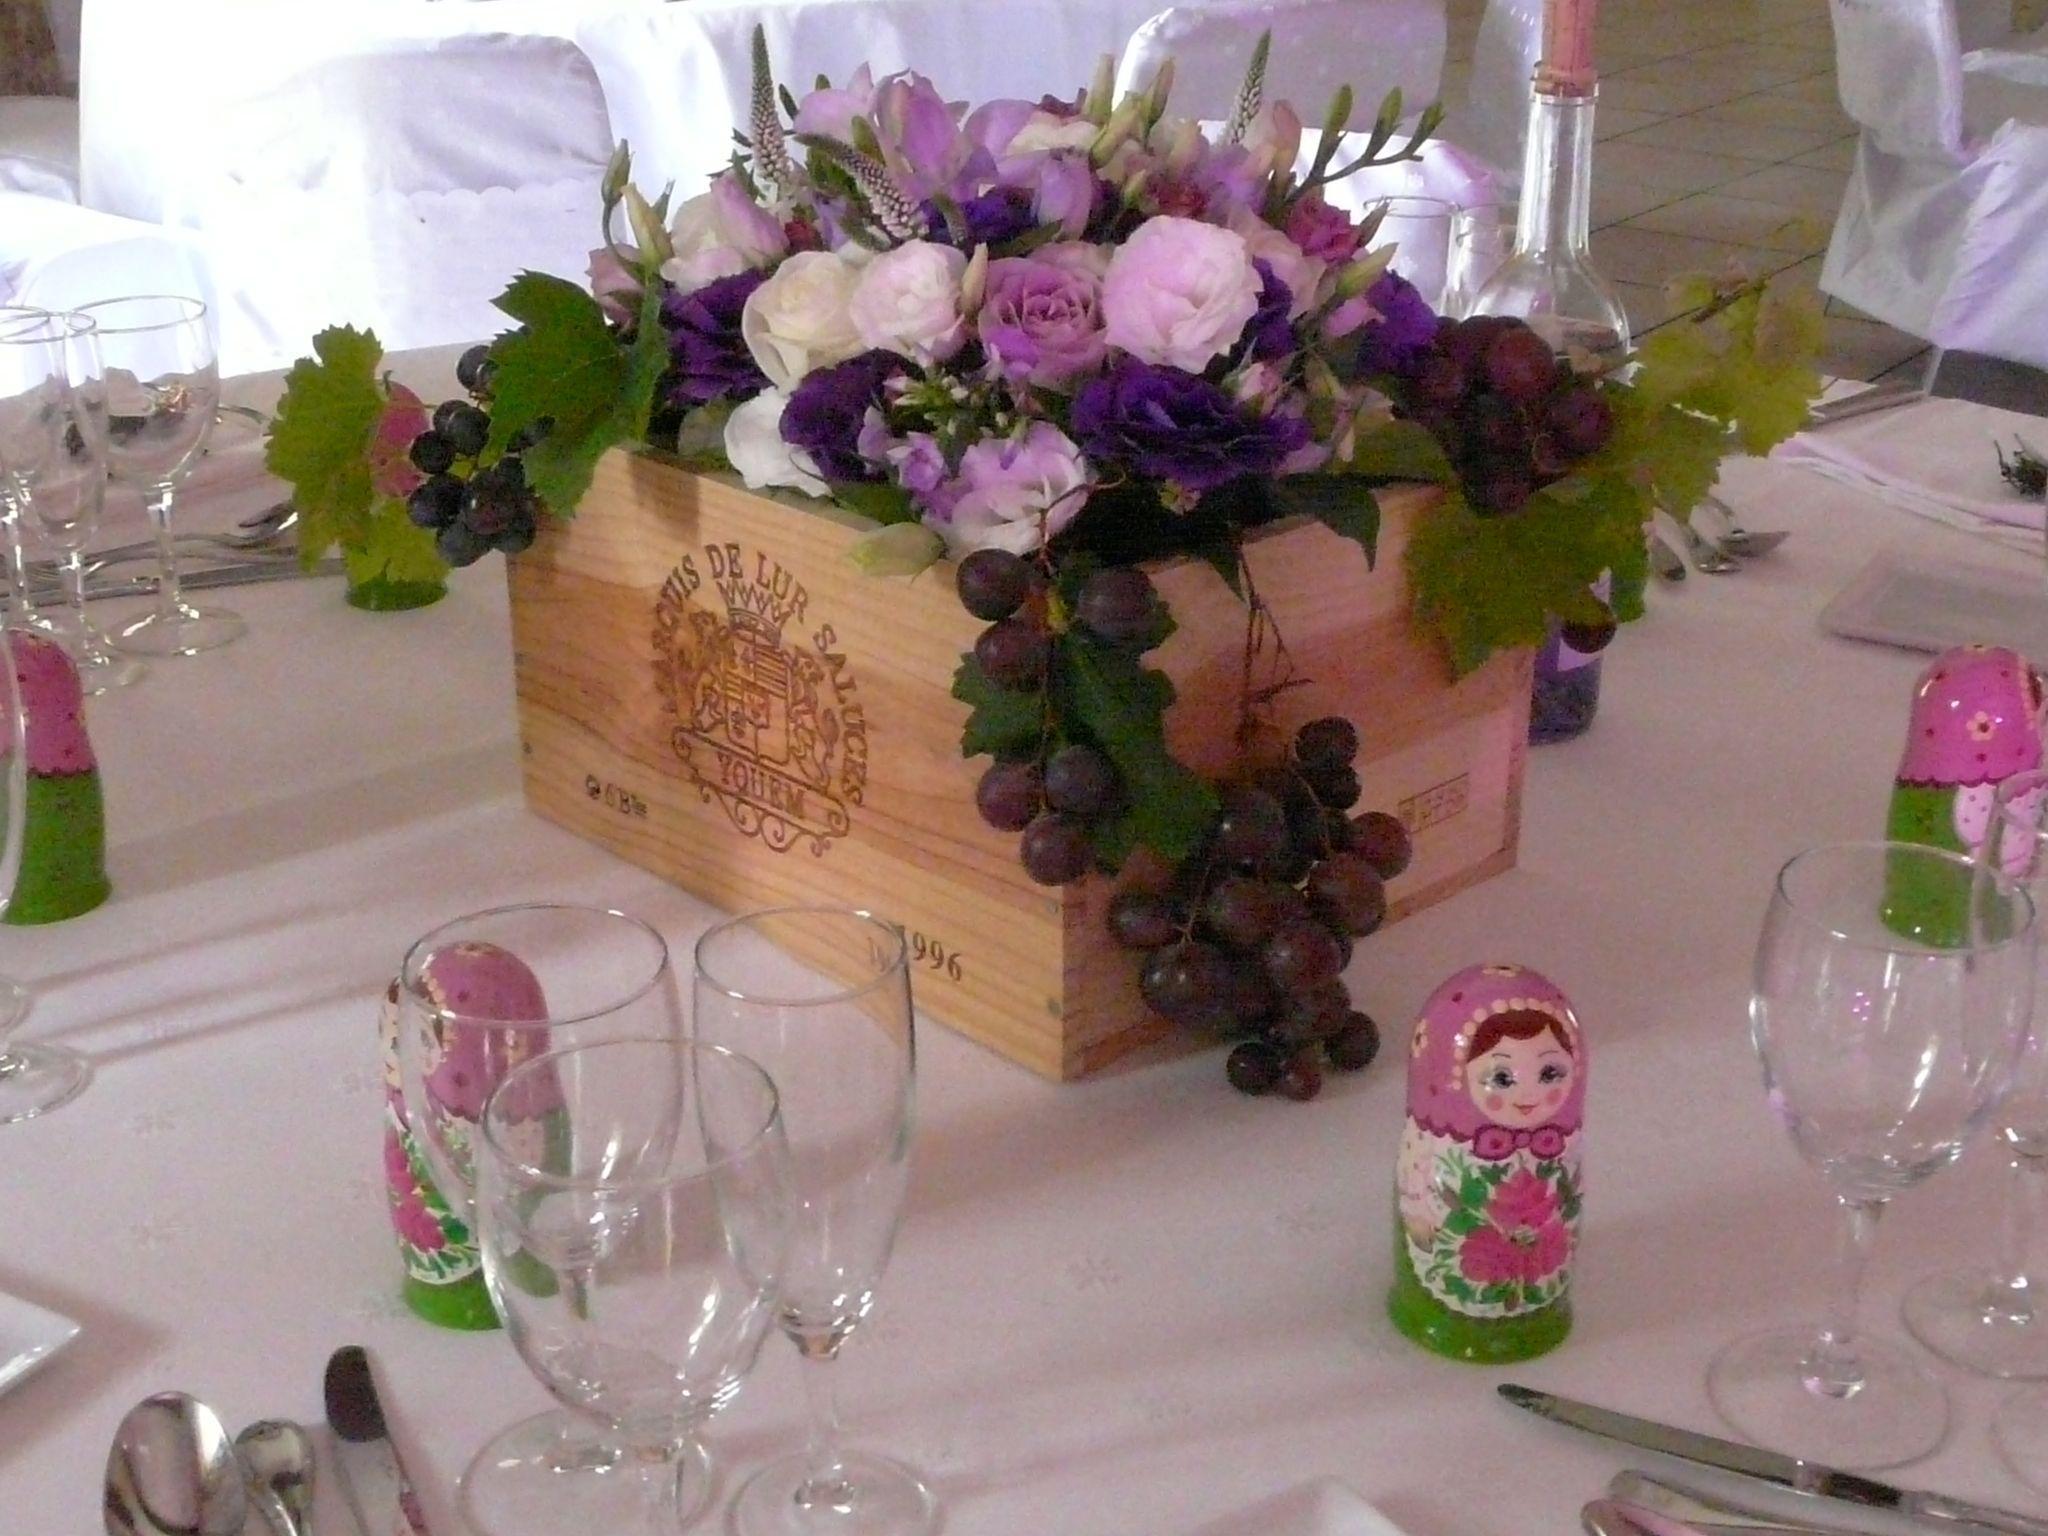 Caisse de vin fleurie et grappe de raisin violet et parme - Caisse a vin decoration ...